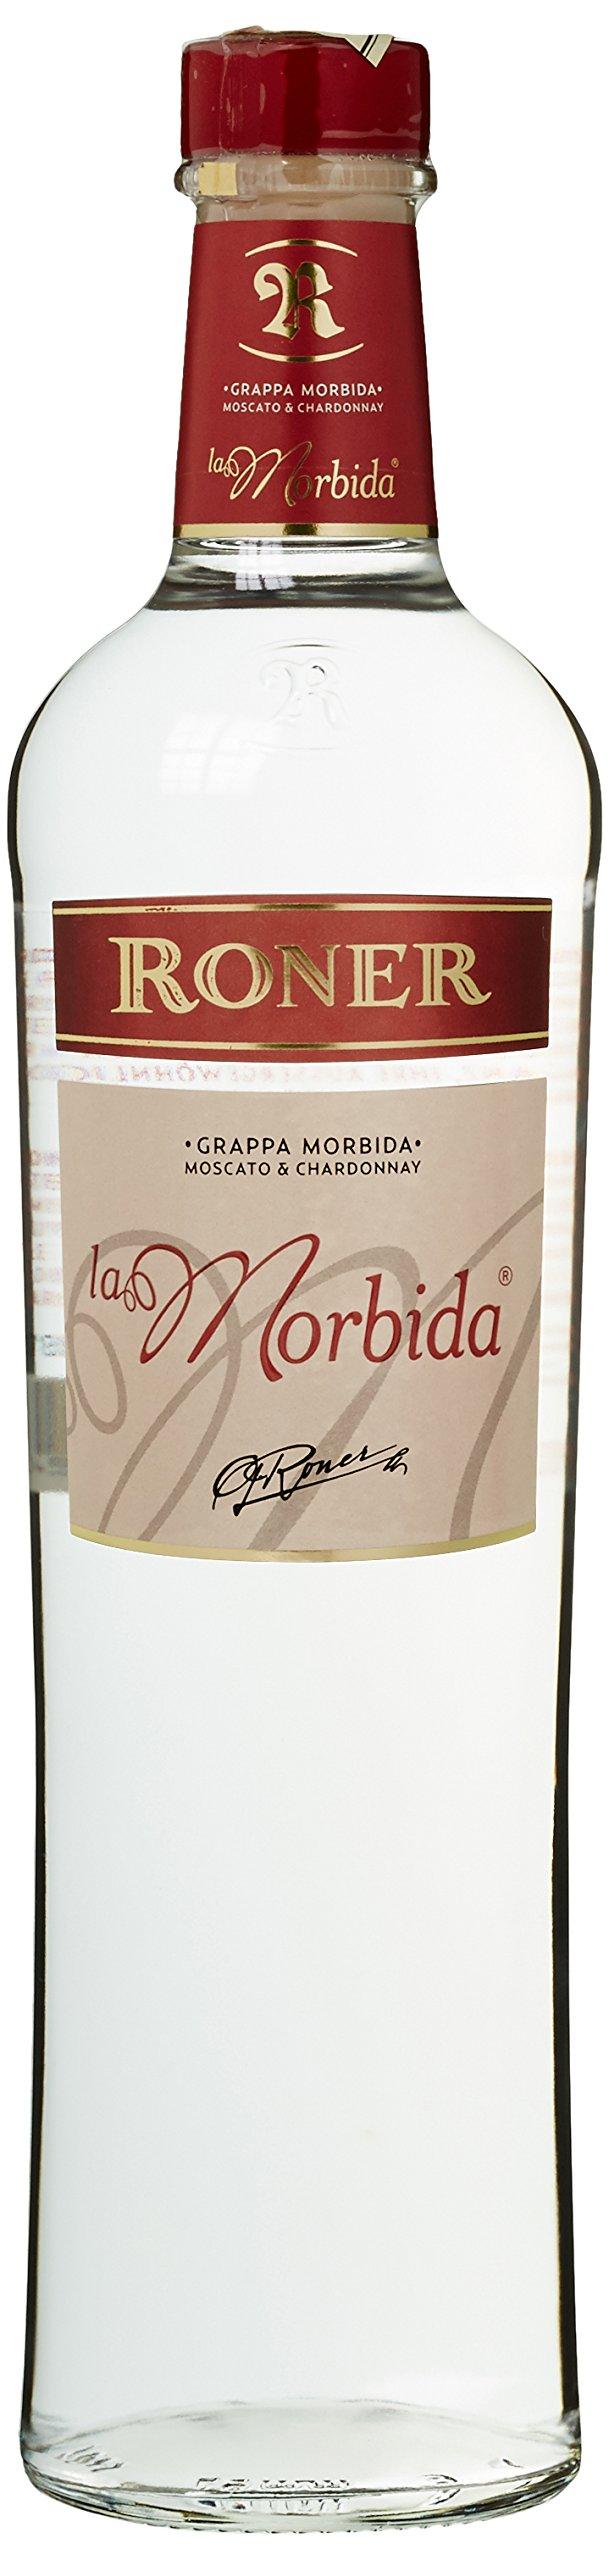 Roner-Grappa-La-Morbida-1-x-07-l